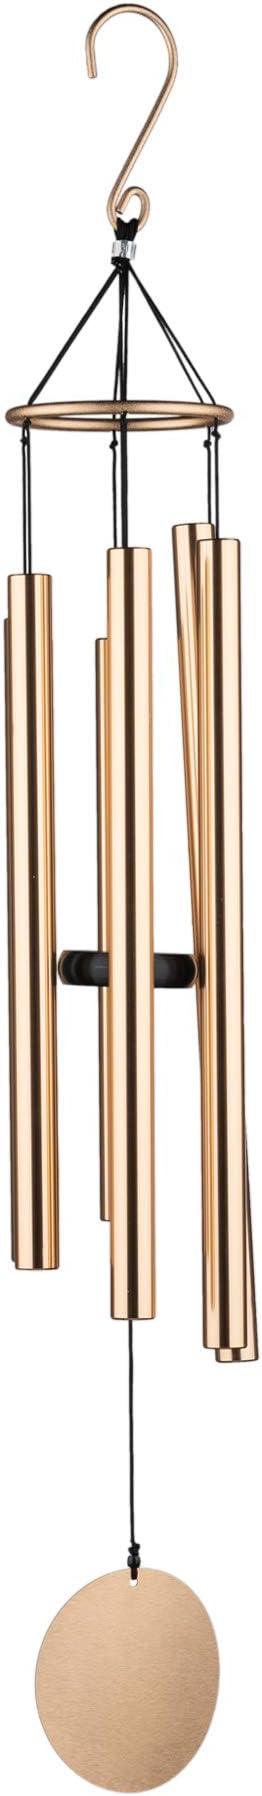 Argento OSVINO Campane a Vento Decorazione Grande Metallo per Giardino Fenster 110cm Lunghezza